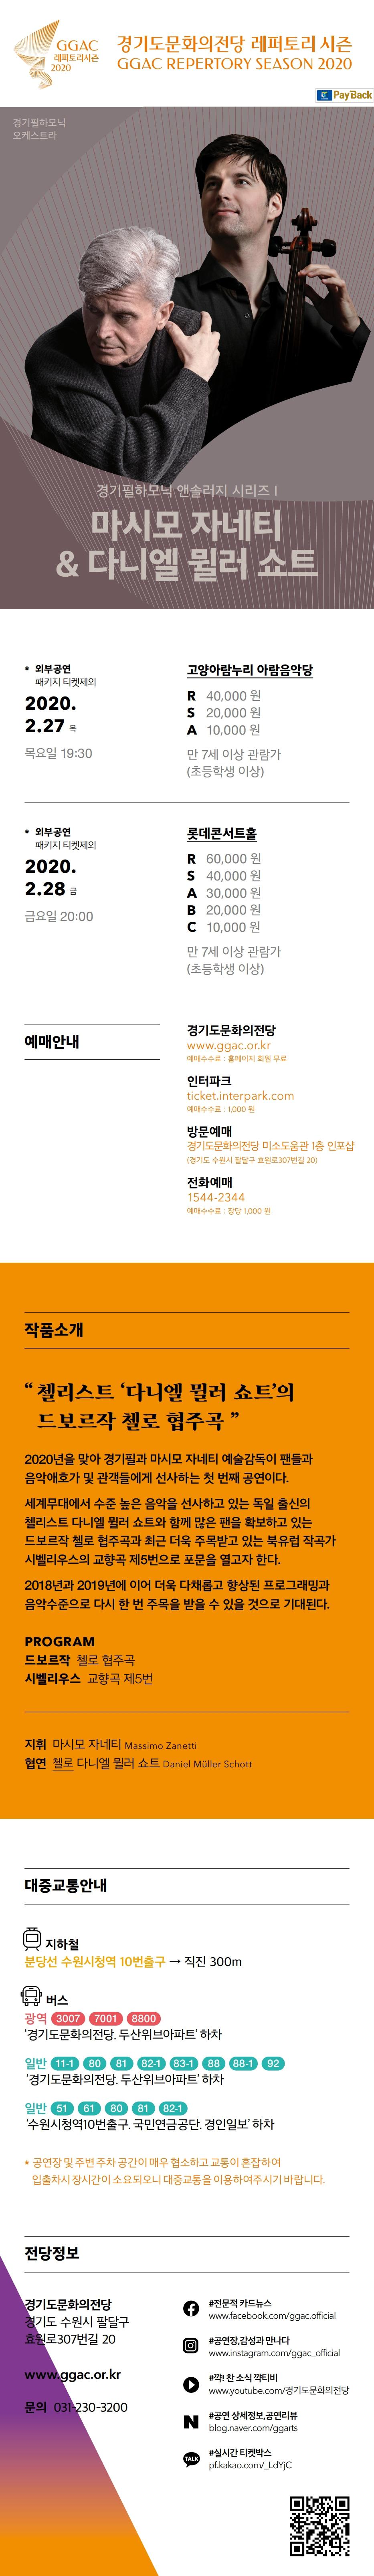 경기필하모닉 2020 앤솔러지 시리즈 I <마시모 자네티&다니엘 뮐러 쇼트> - 고양